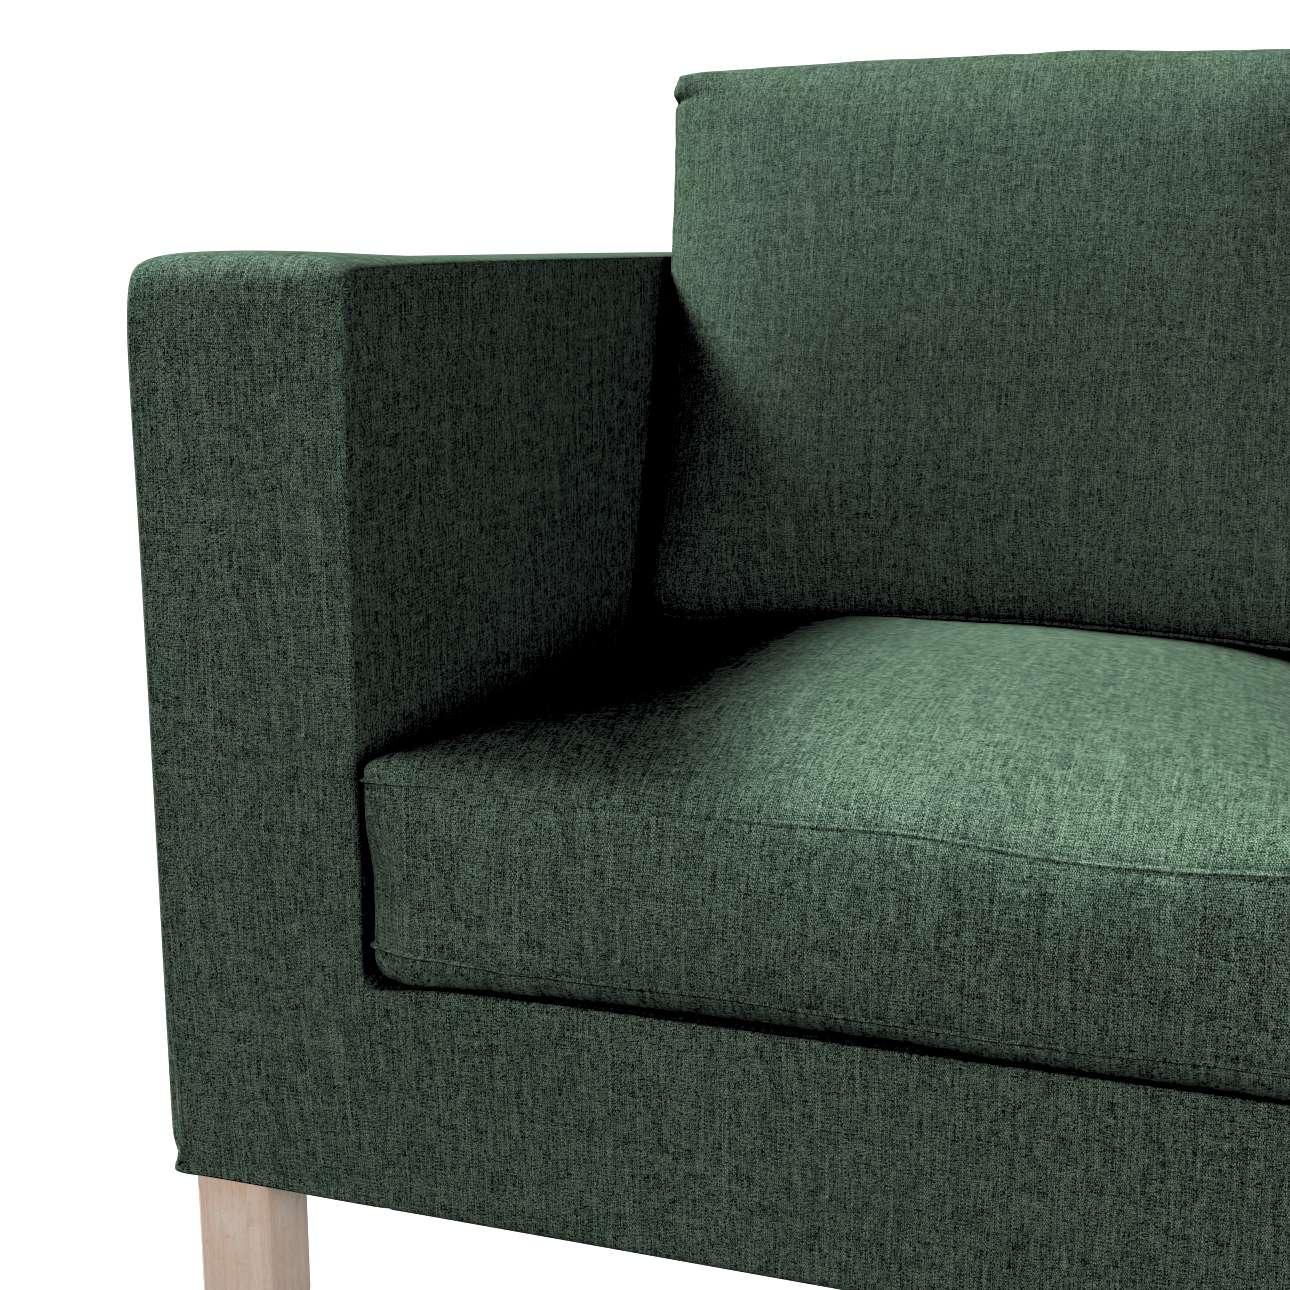 Pokrowiec na sofę Karlanda 2-osobową nierozkładaną, krótki w kolekcji City, tkanina: 704-81